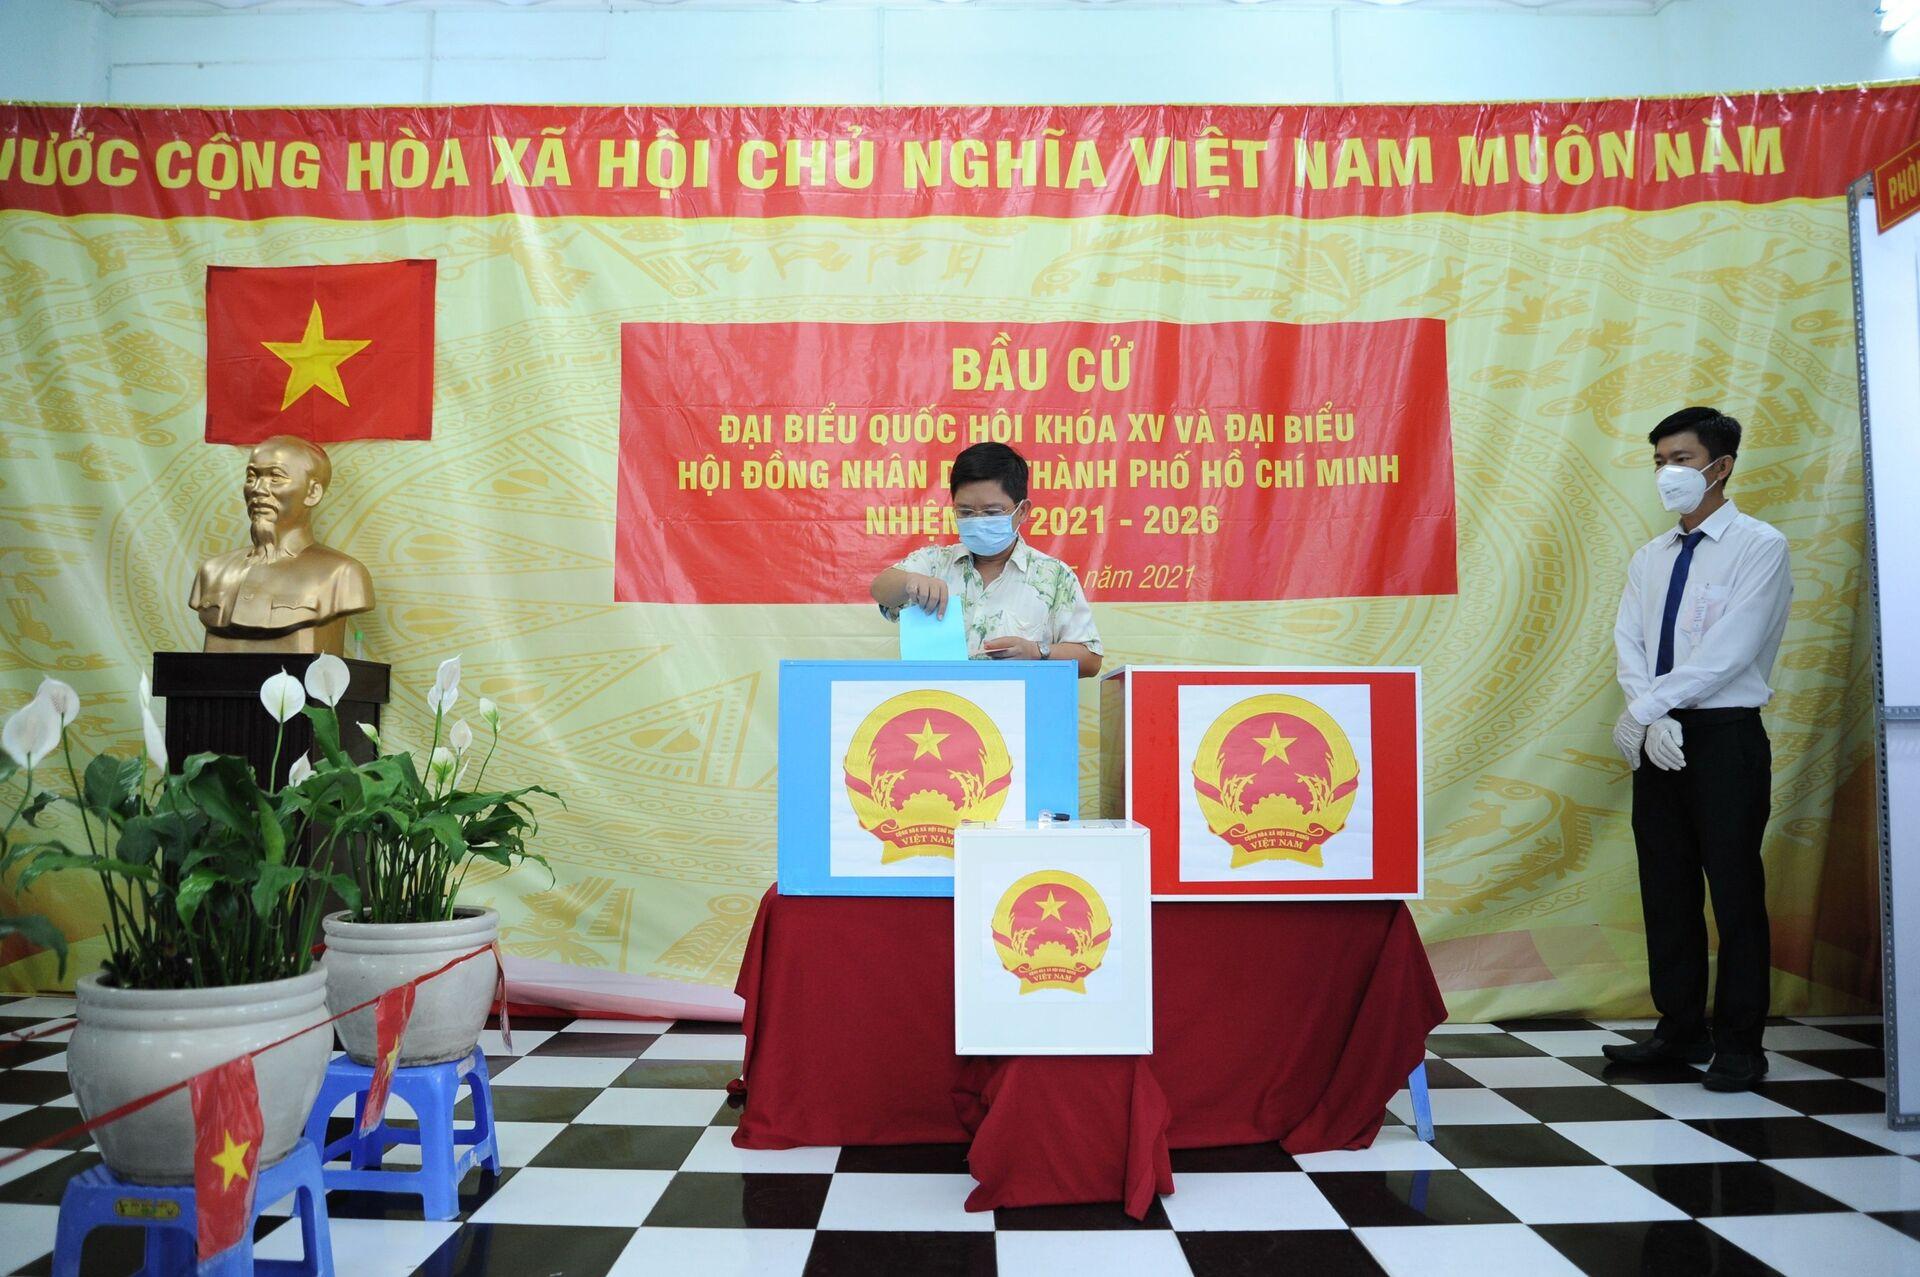 Những điều ấn tượng trong ngày hội bầu cử lớn nhất của Việt Nam - Sputnik Việt Nam, 1920, 24.05.2021